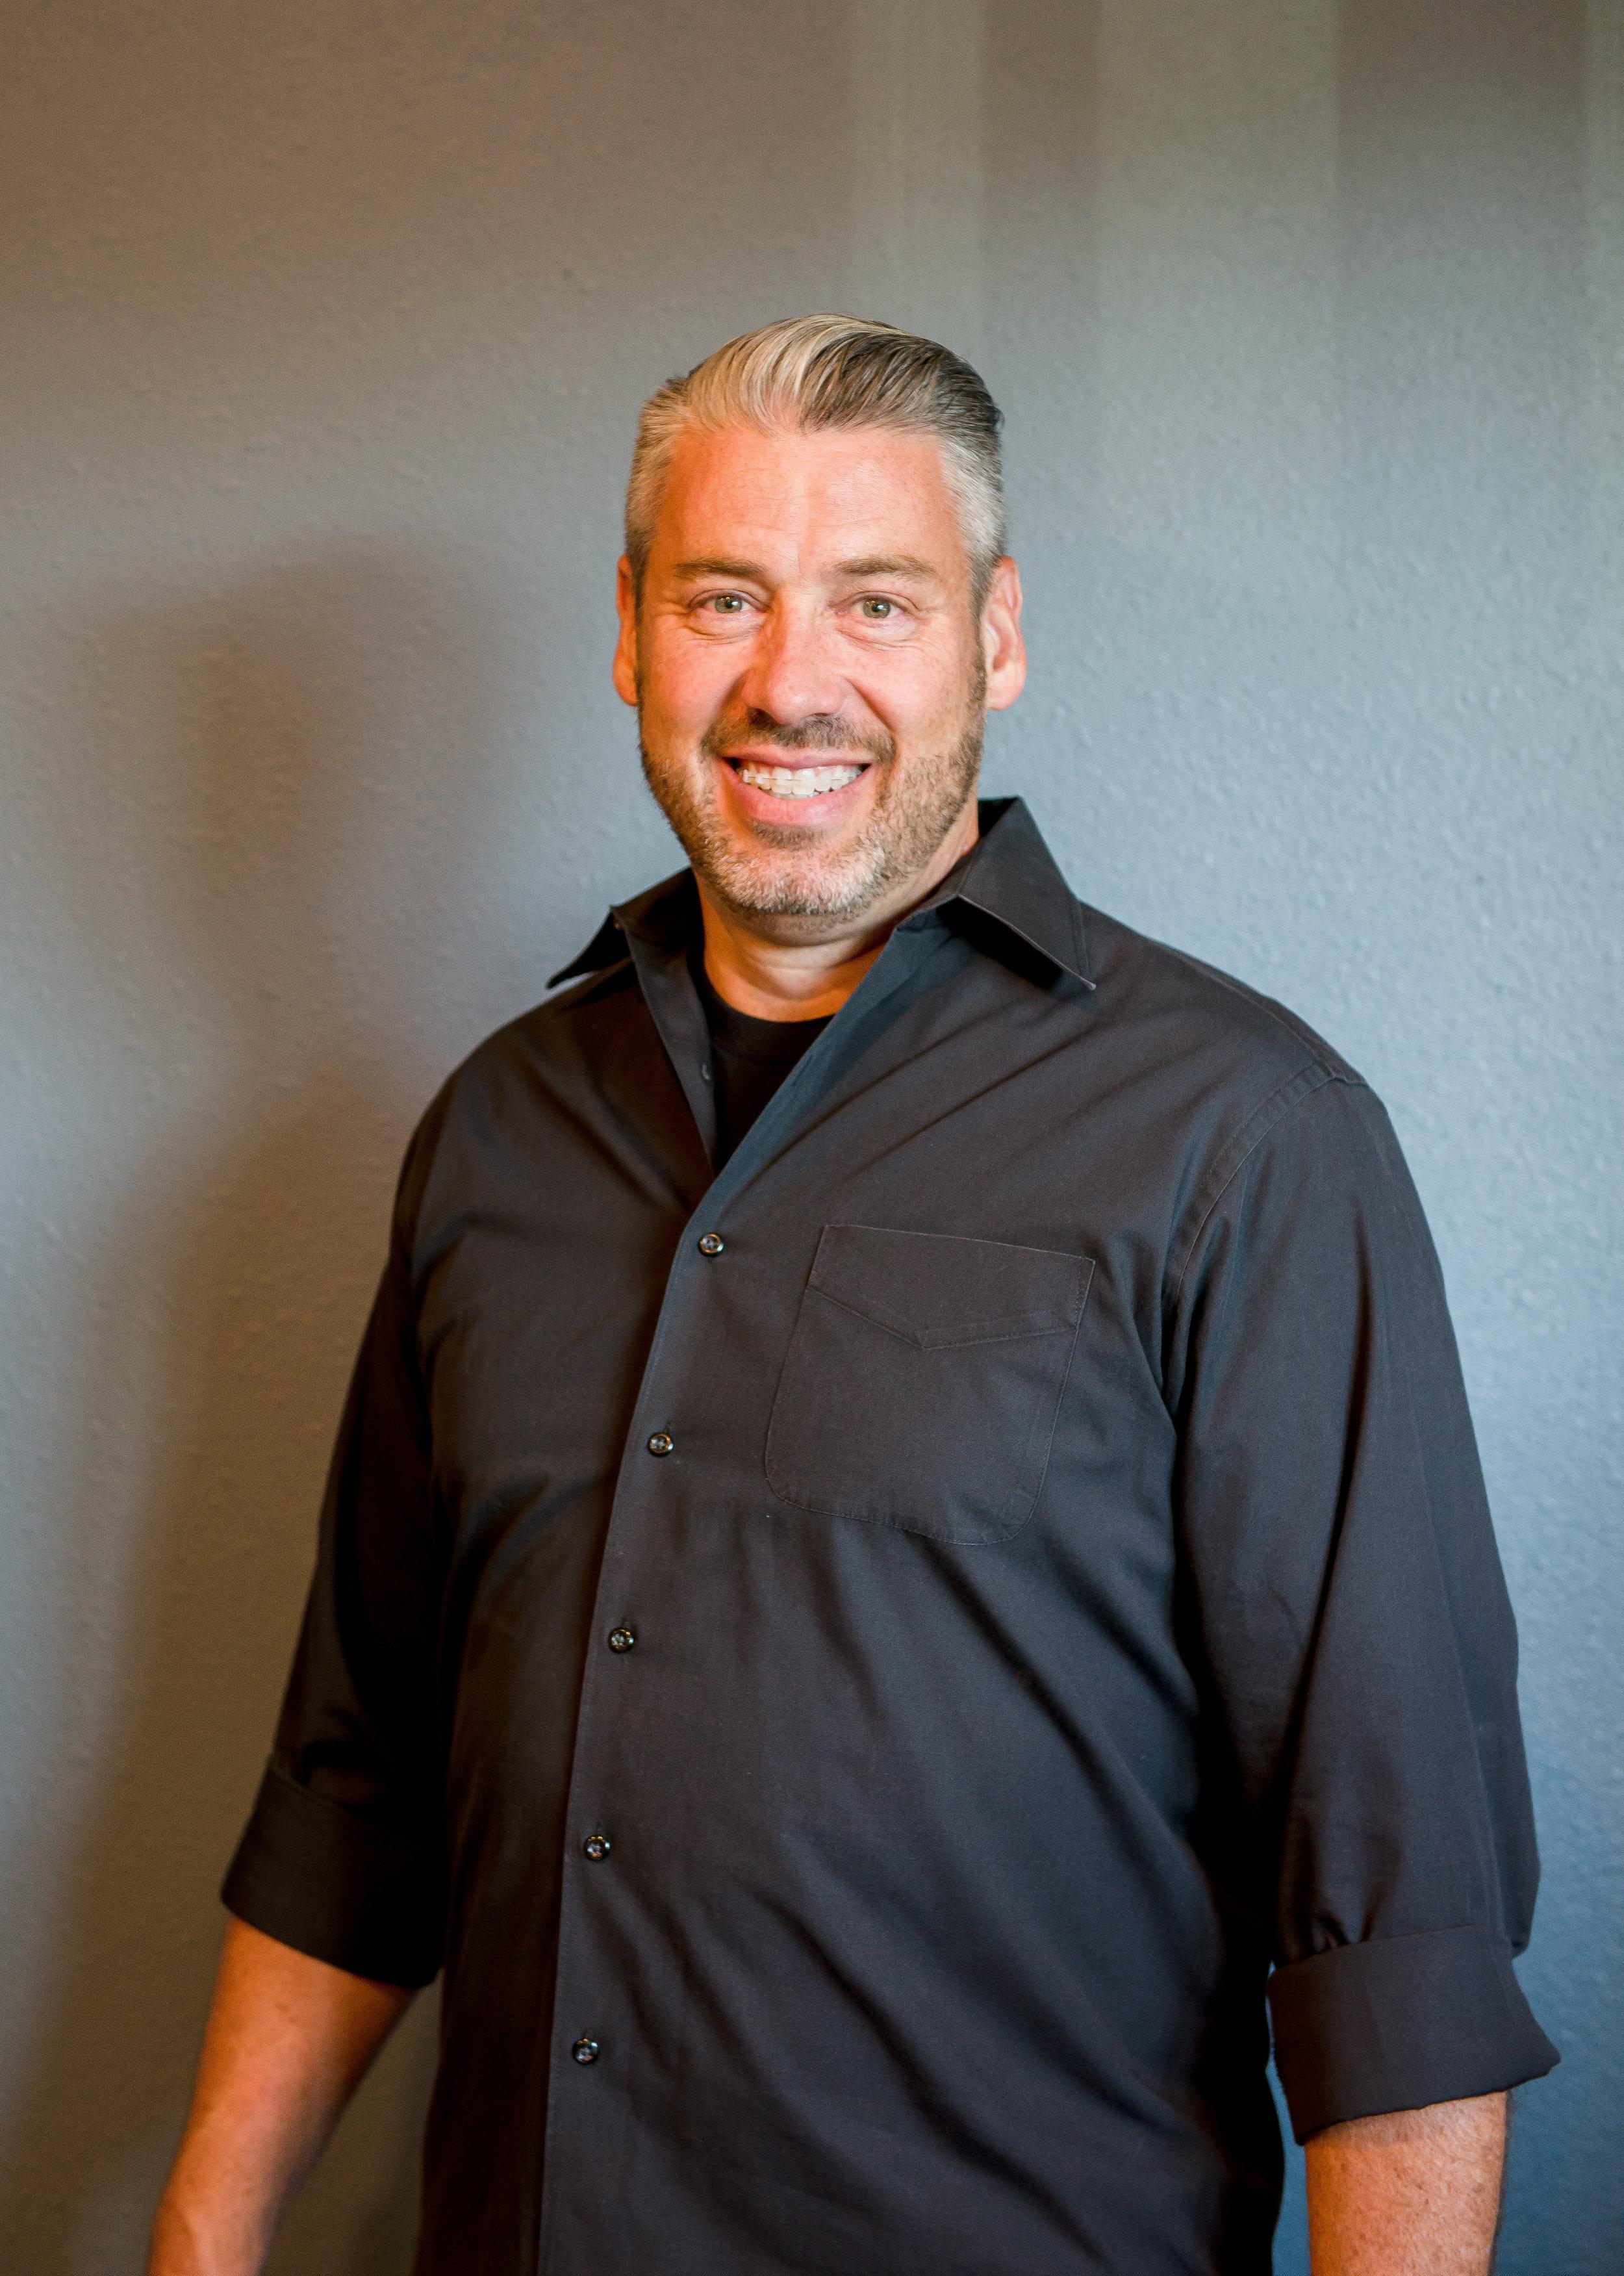 Greg Schaub